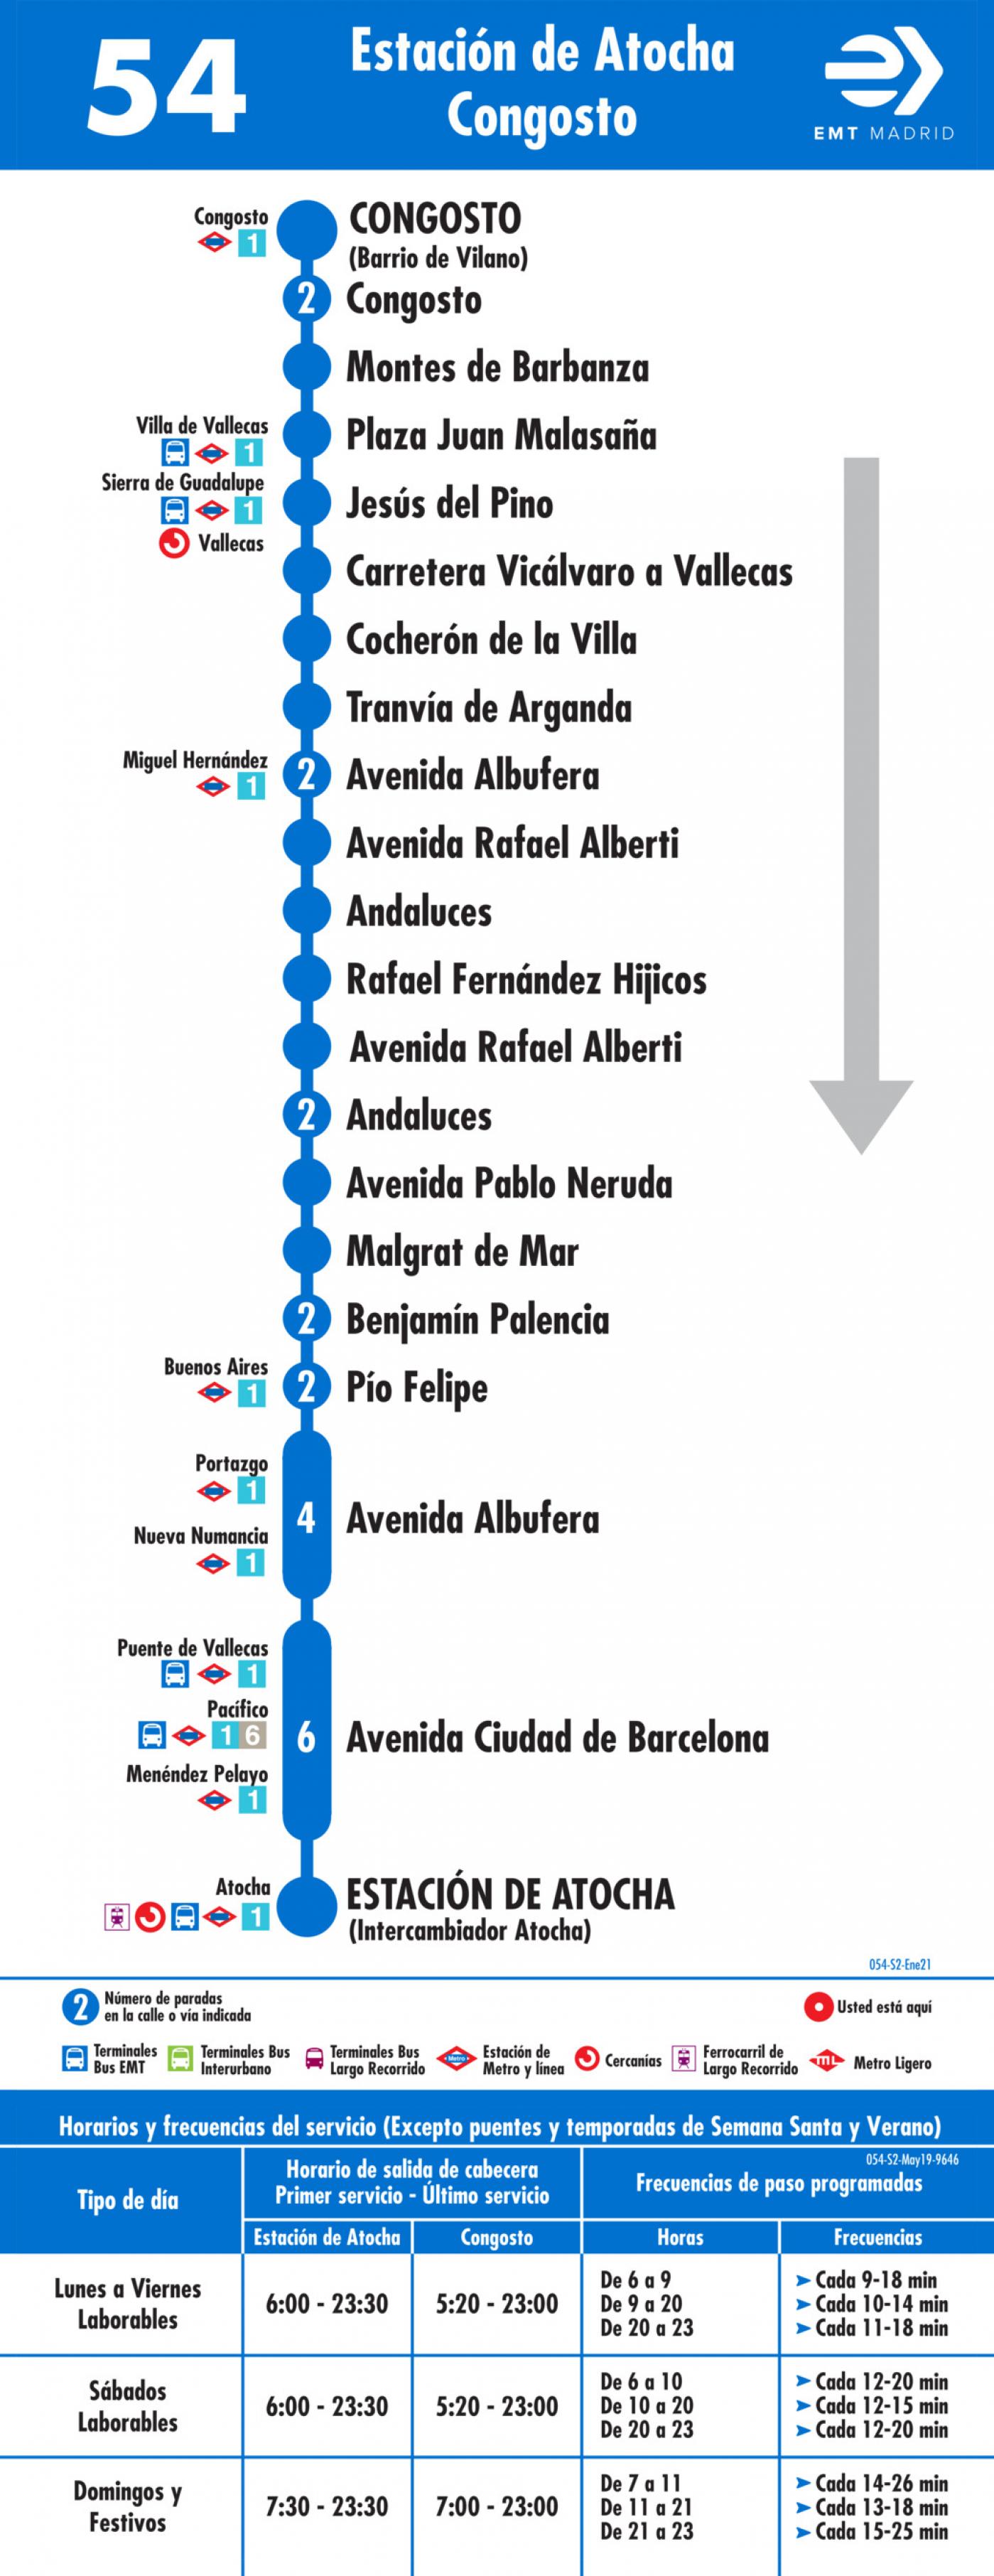 Tabla de horarios y frecuencias de paso en sentido vuelta Línea 54: Atocha - Barrio de Vilano